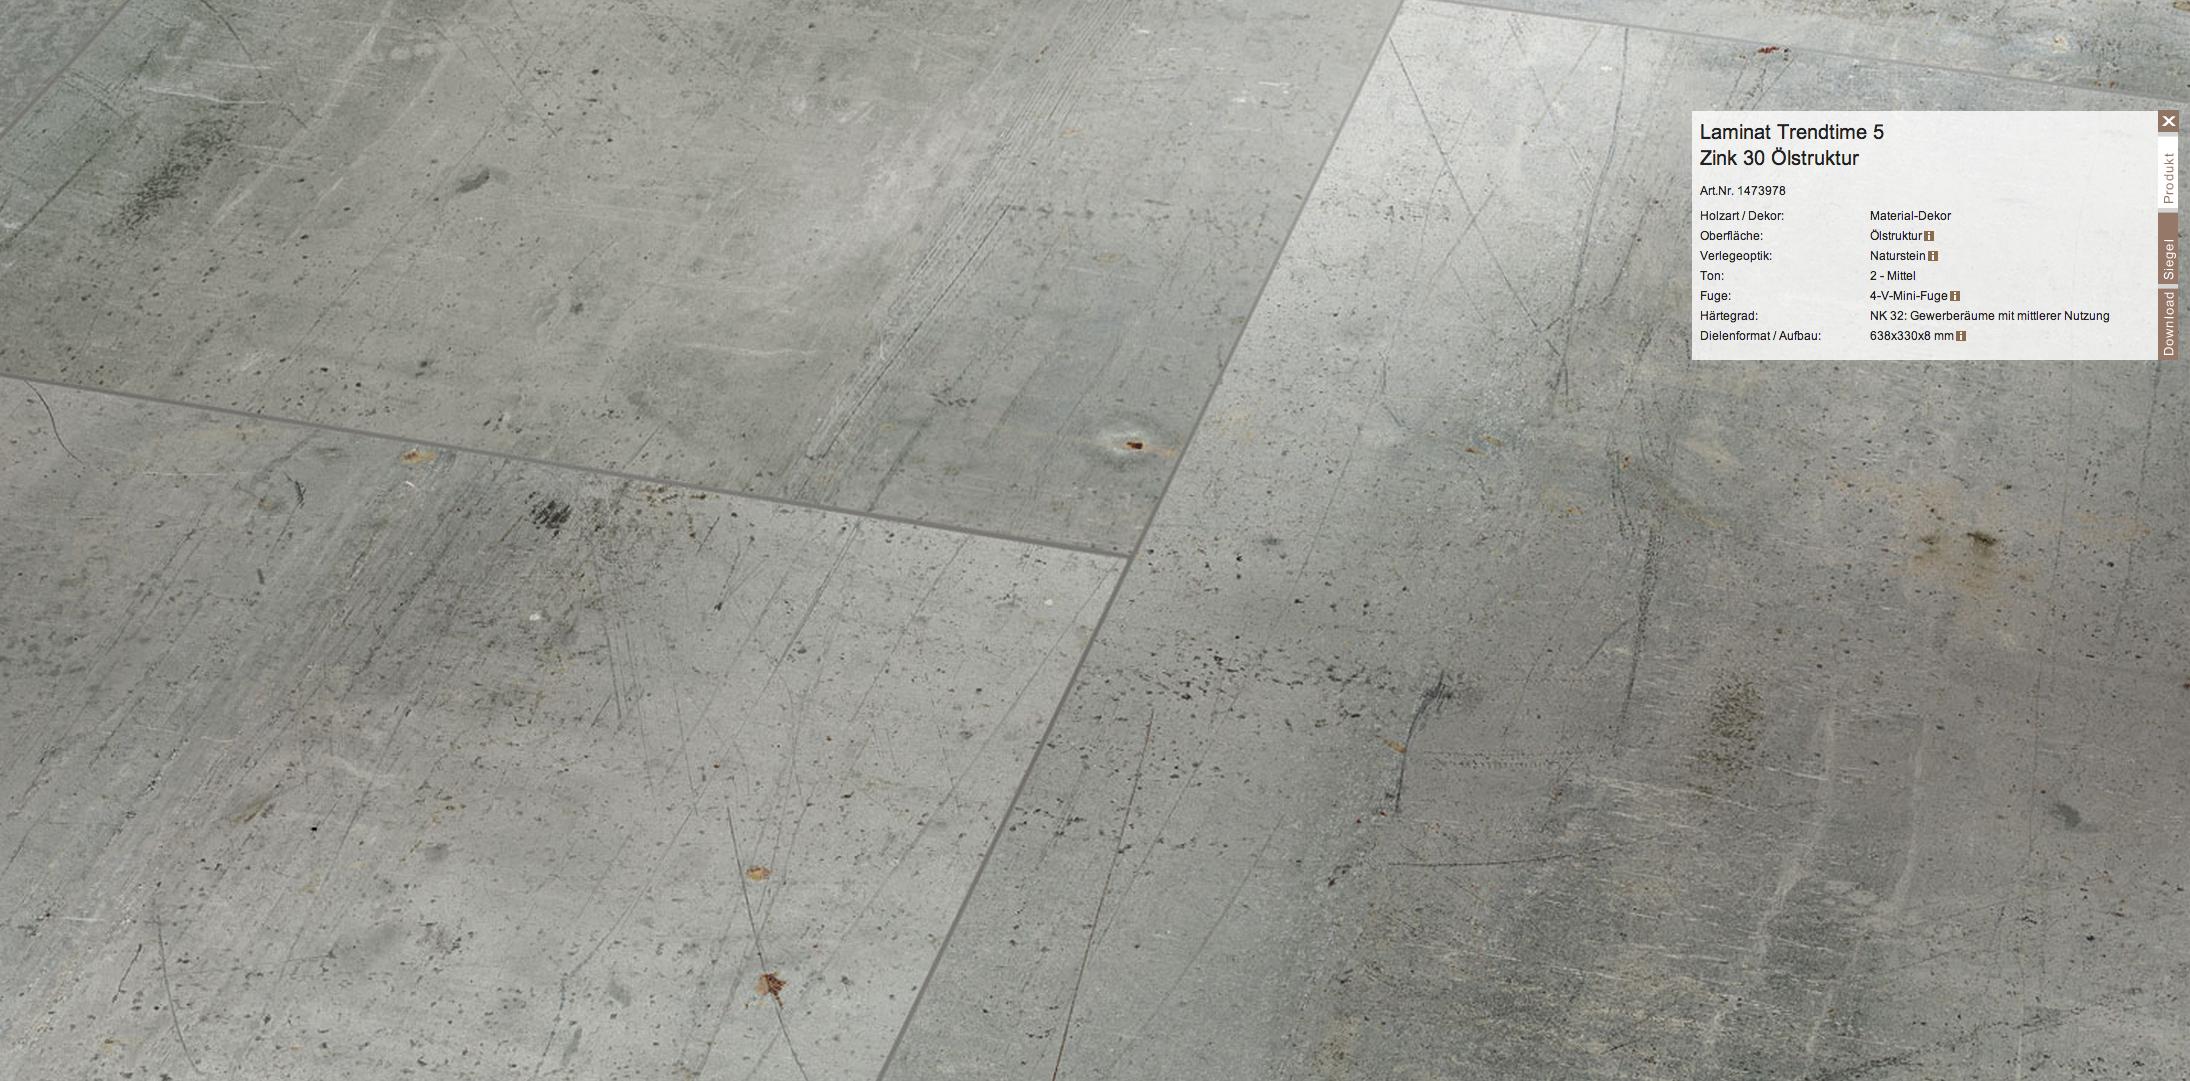 Full Size of Moderner Bodenbelag Fr Kche Aktuelle Trends Und Neuheiten Modernes Sofa Moderne Esstische Bett 180x200 Landhausküche Duschen Bilder Fürs Wohnzimmer Wohnzimmer Moderne Bodenbeläge